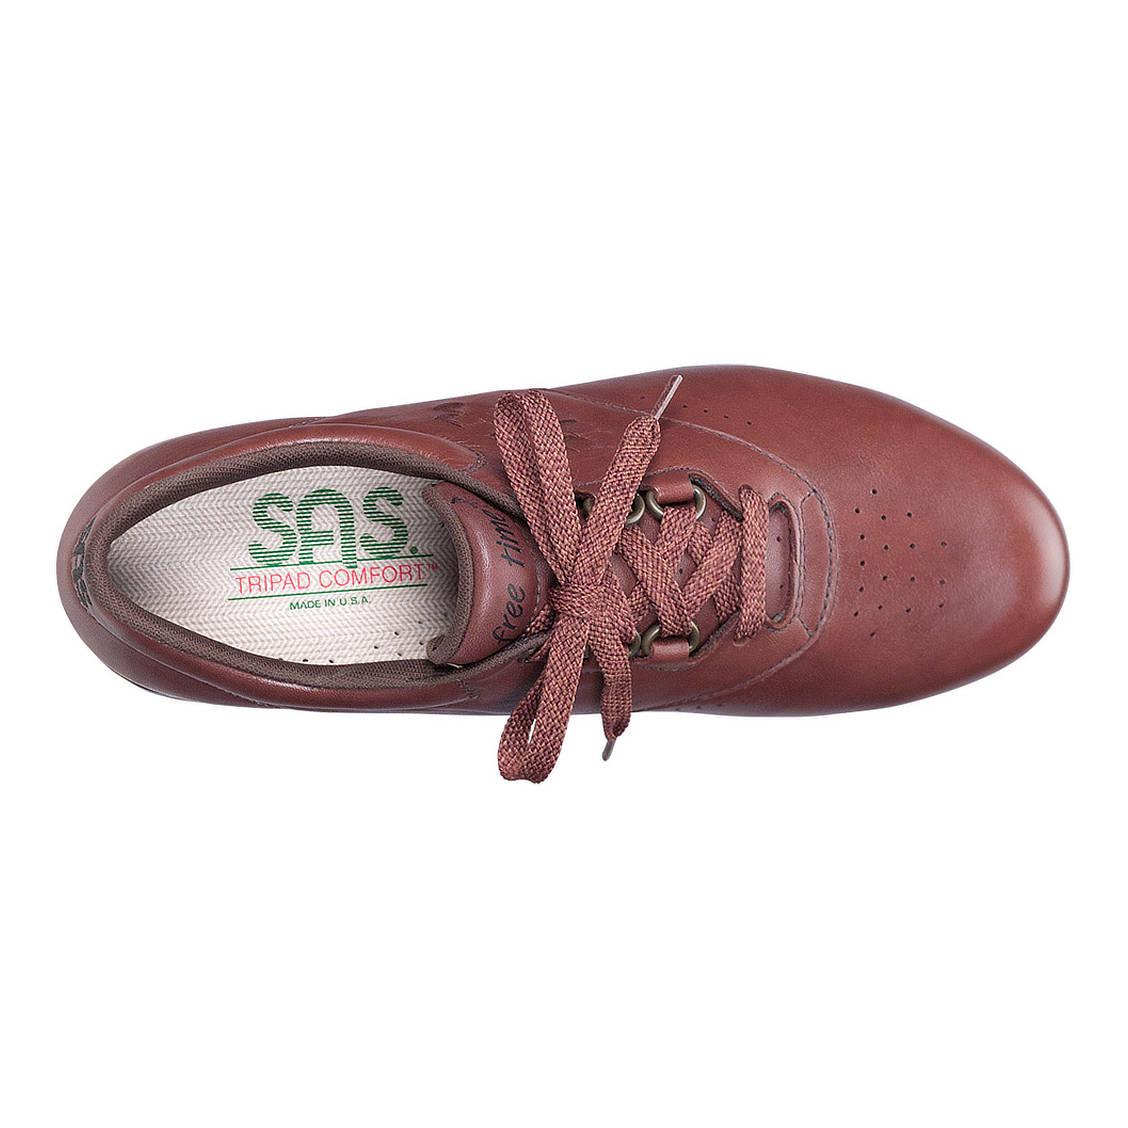 sas-womens-free-time-teak-0083-182-4